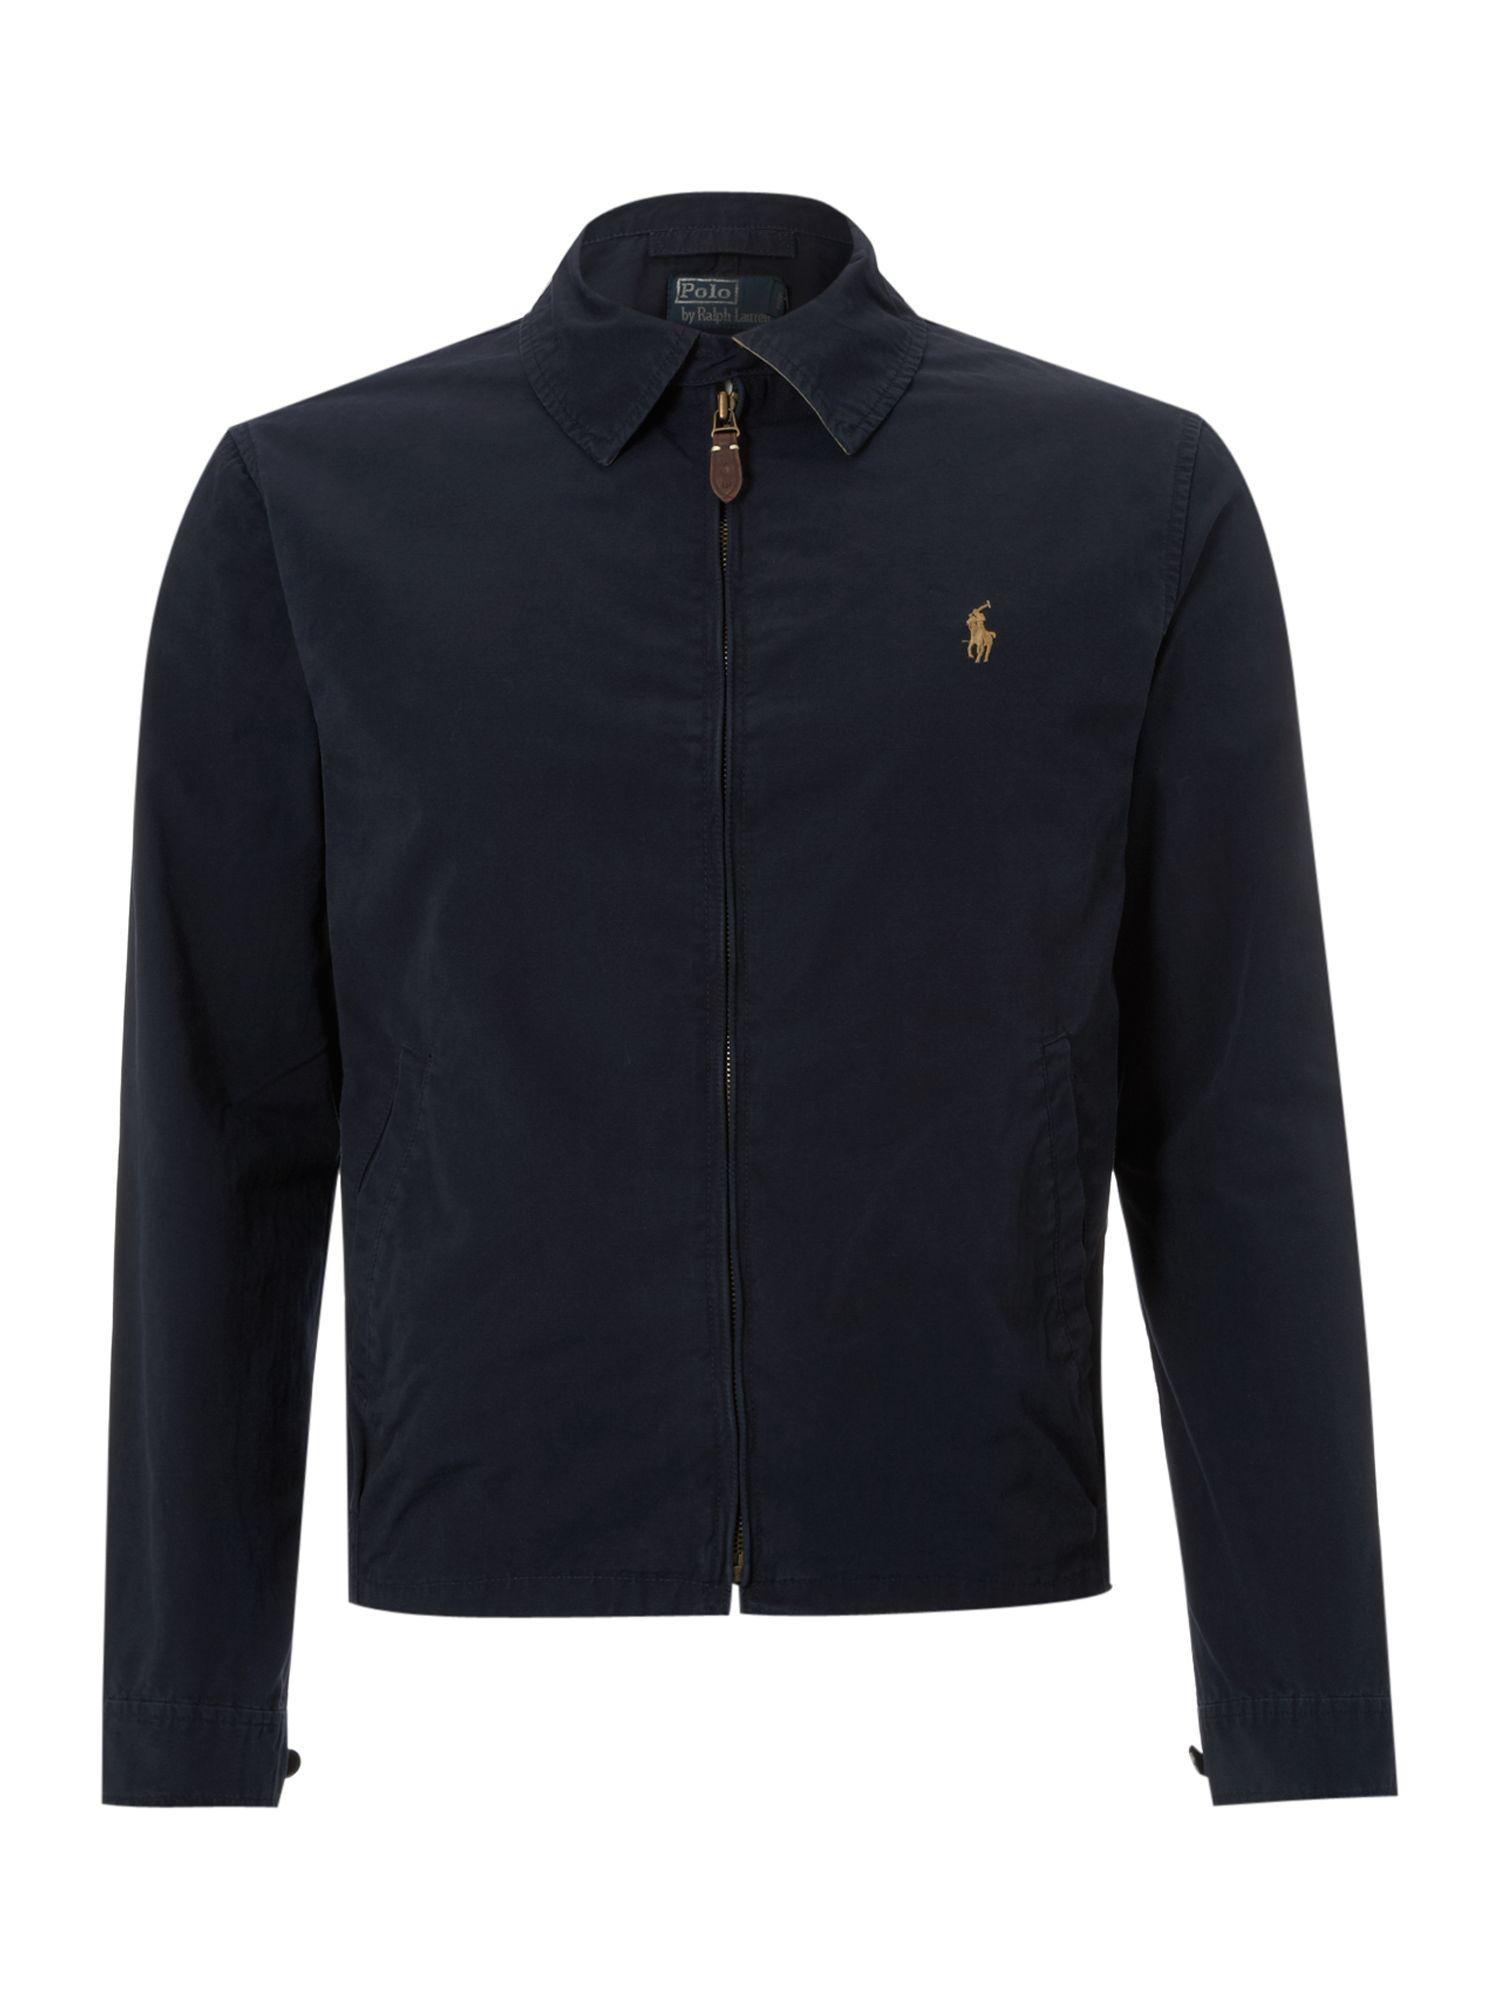 Polo ralph lauren Cotton Windbreaker Jacket in Blue for Men | Lyst